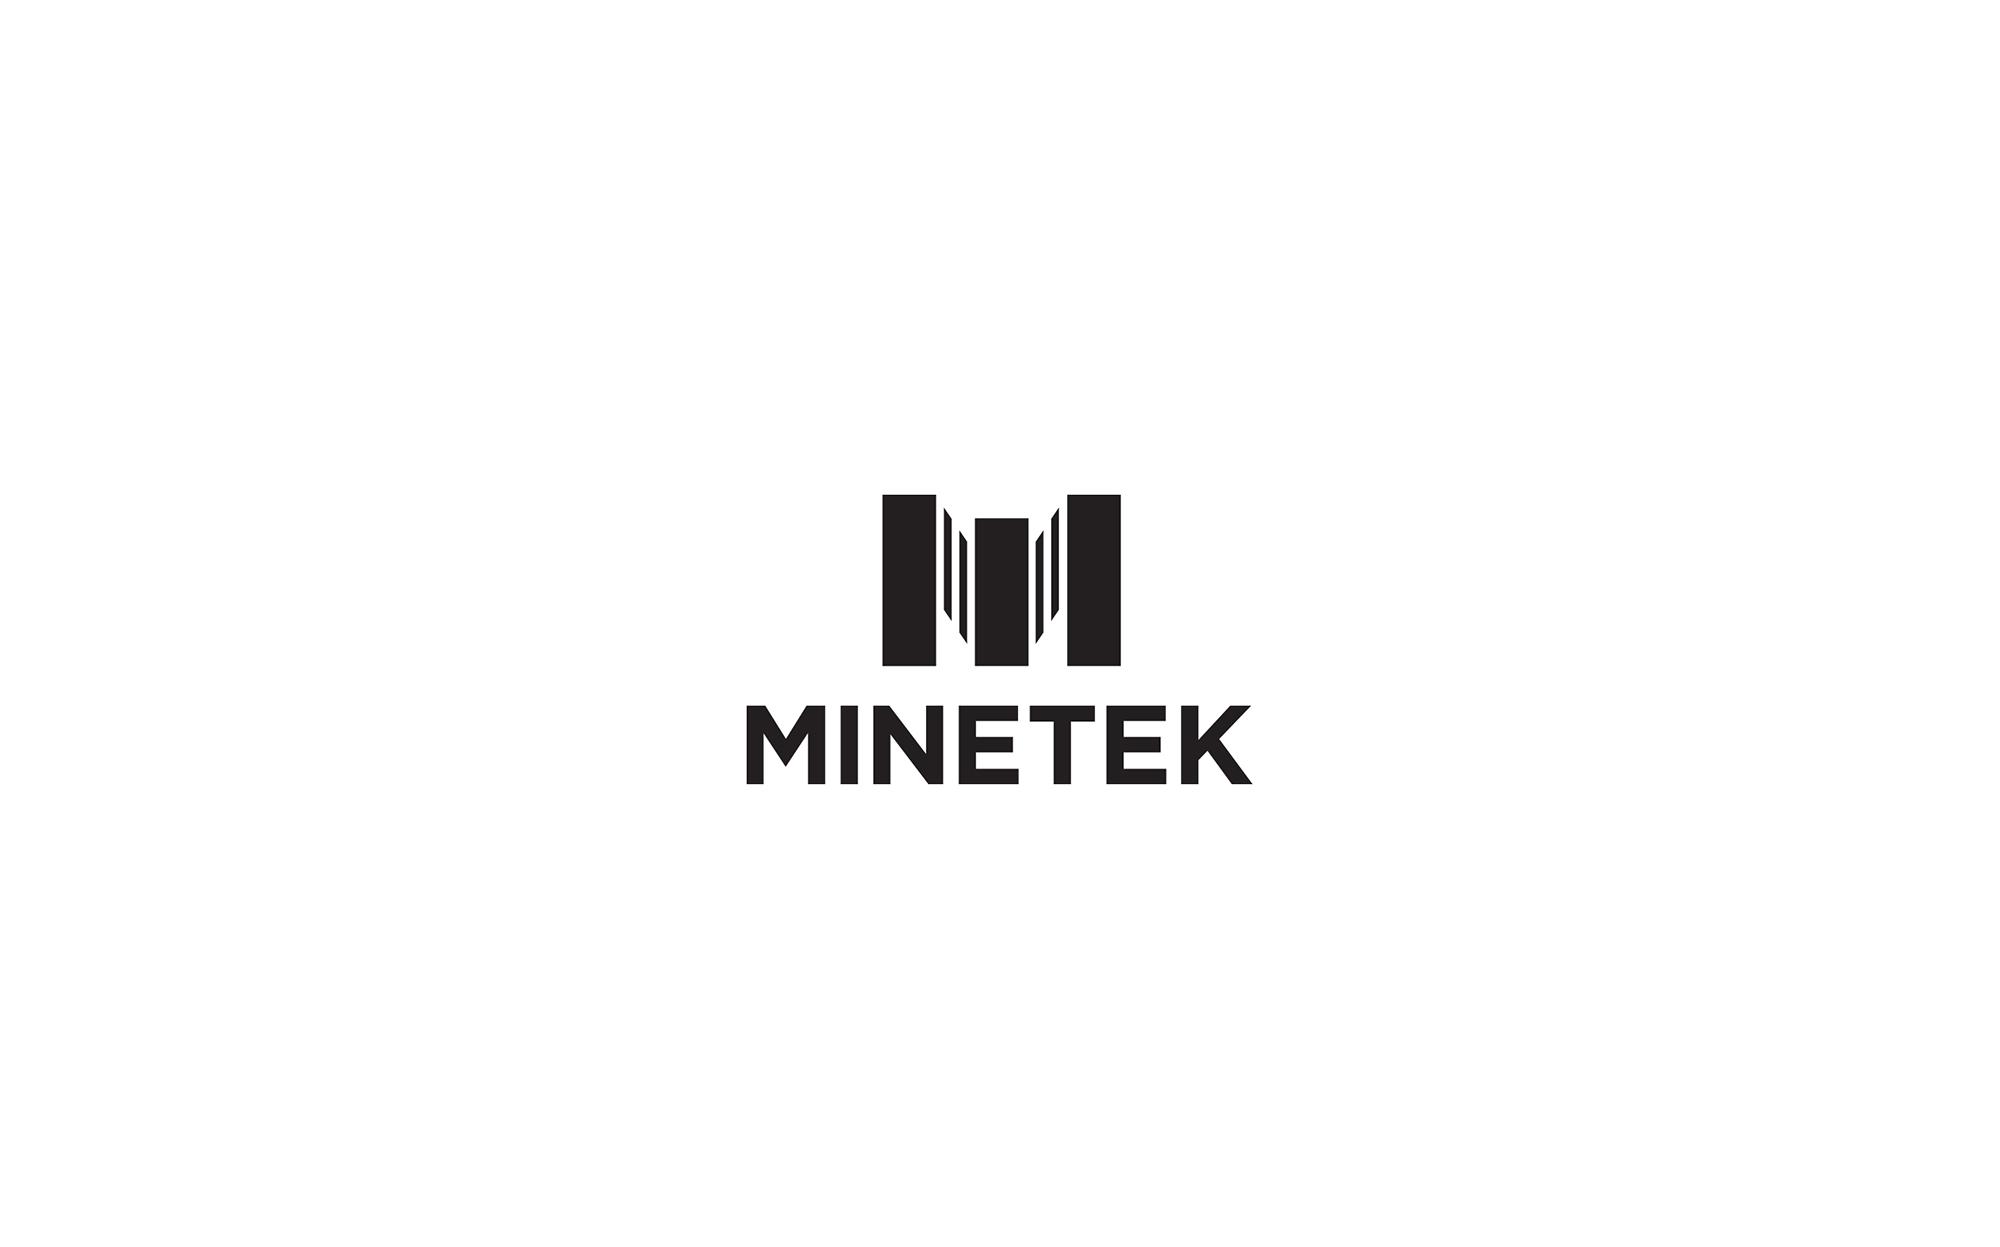 MINETEK1